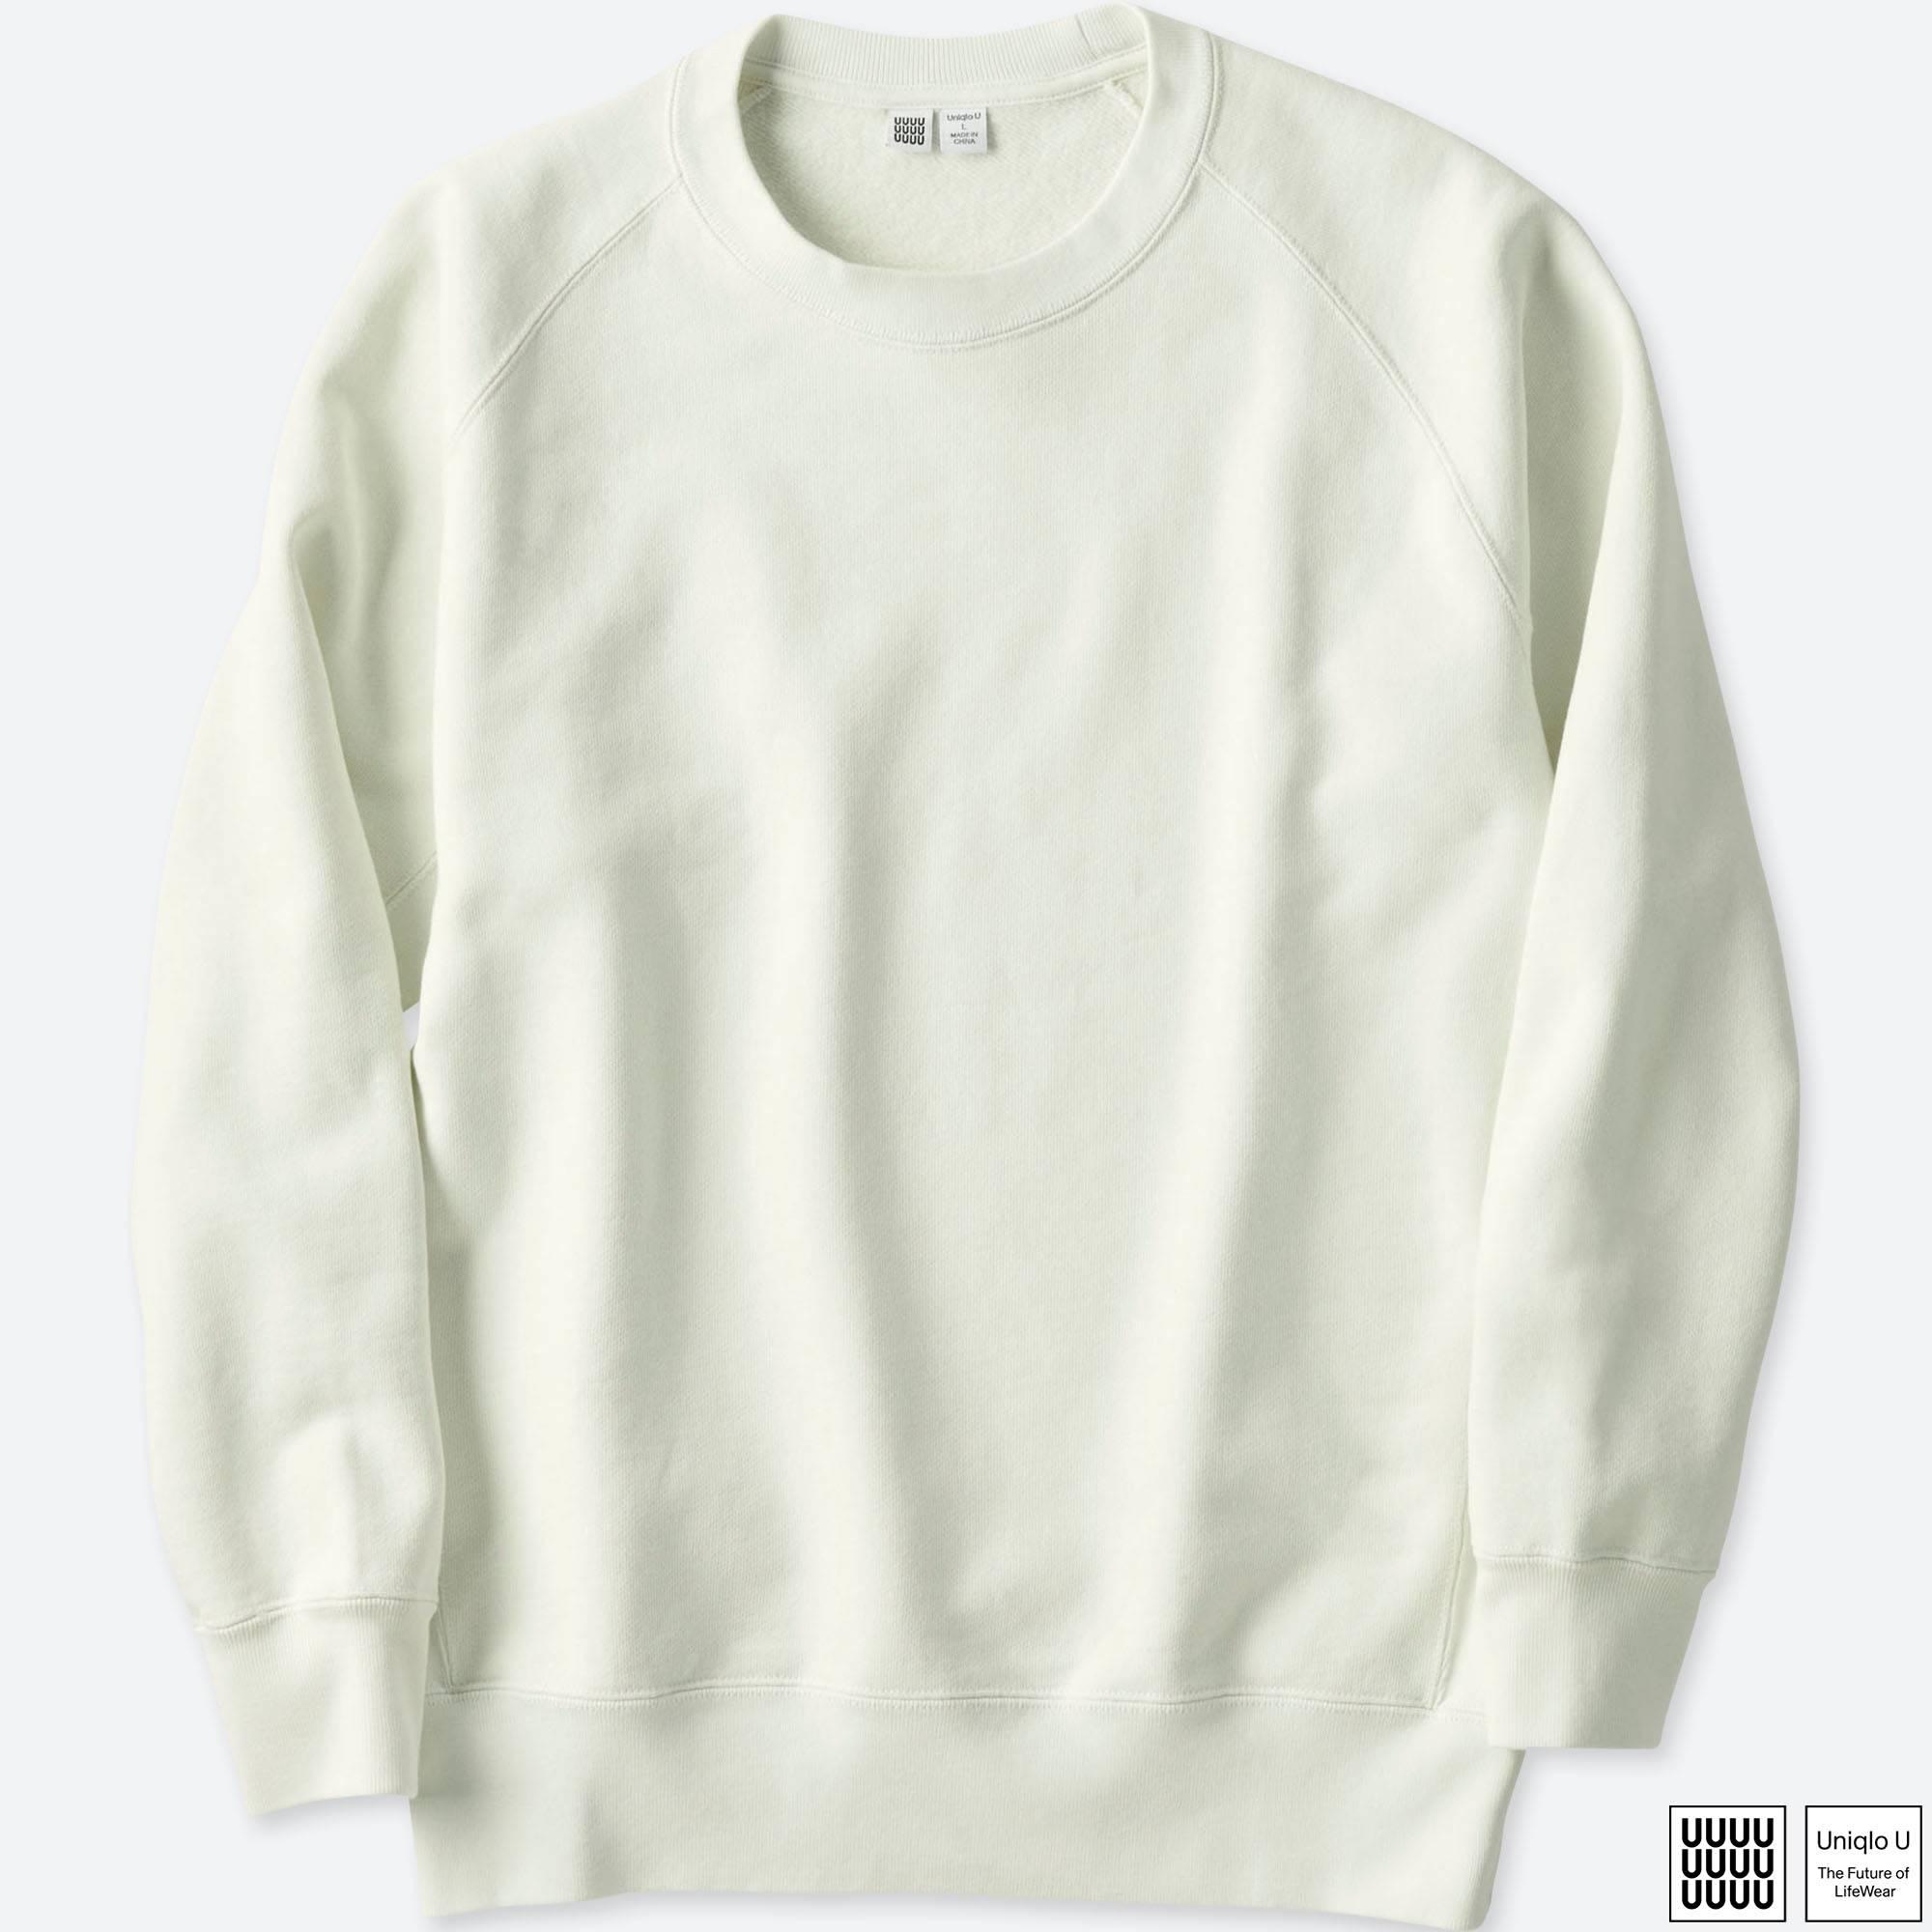 6a4a134c0e men u long-sleeve sweatshirt